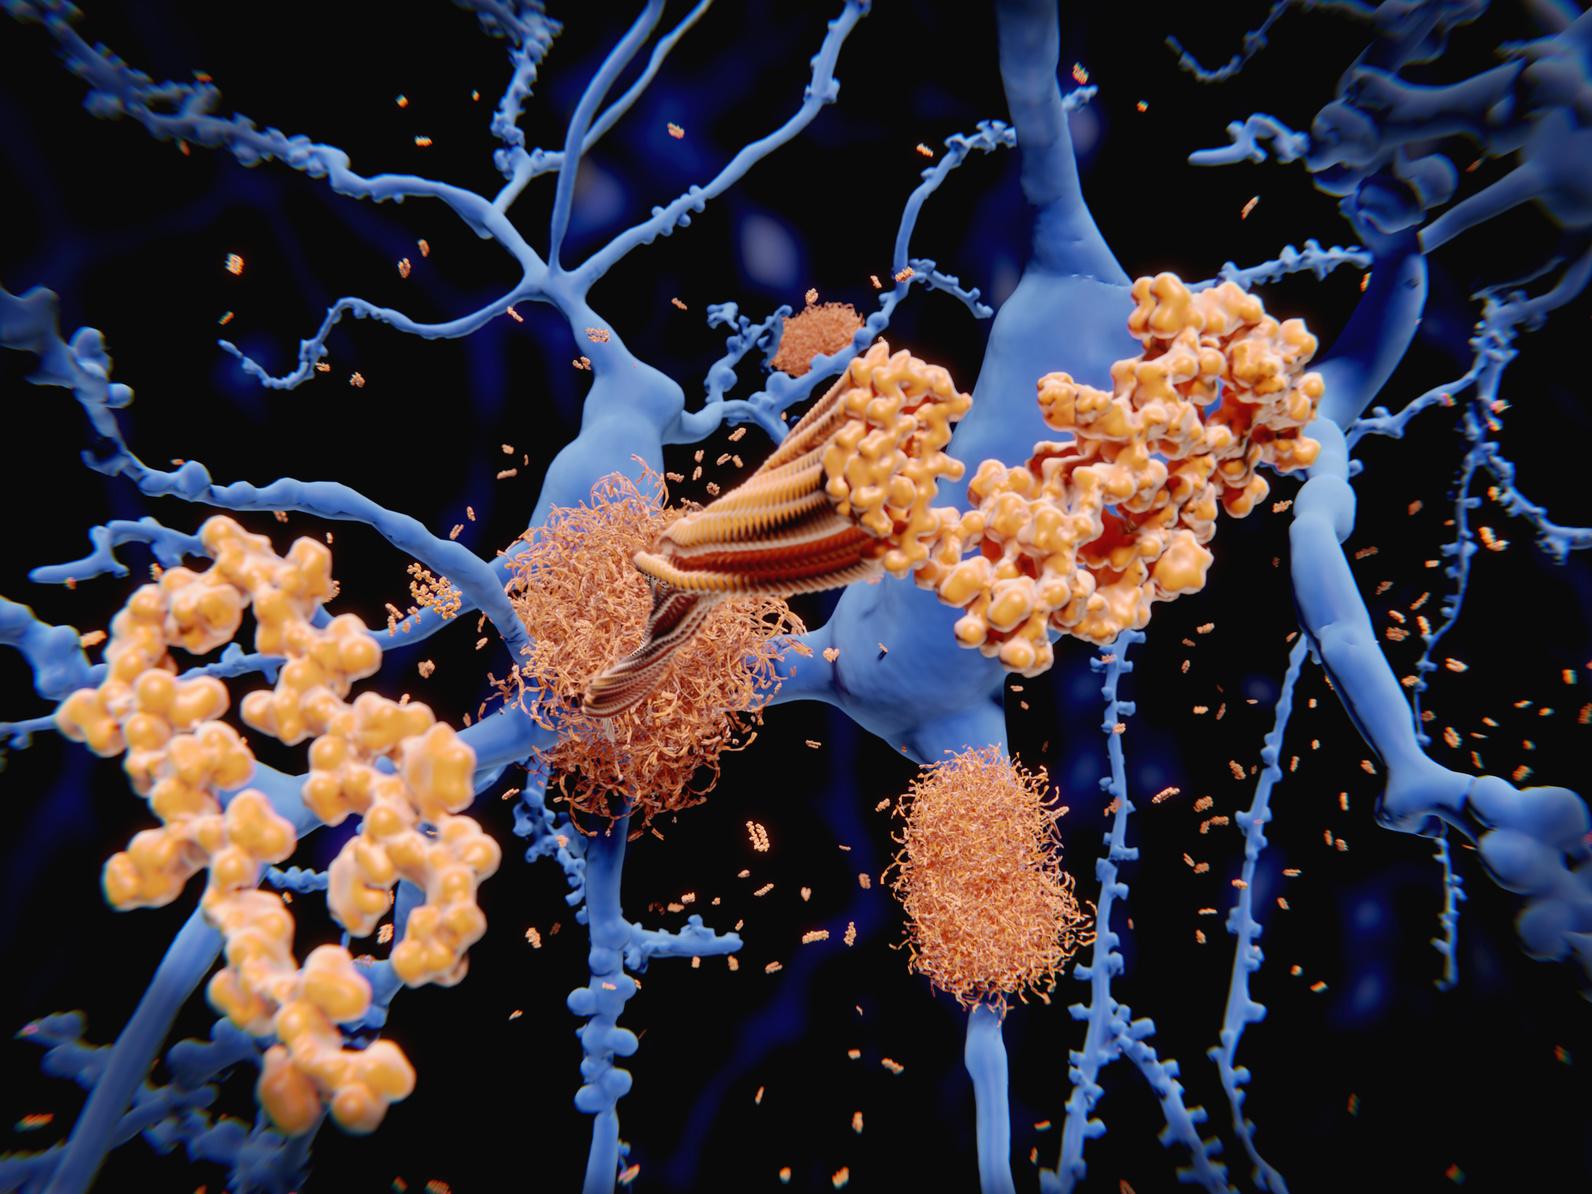 В большинстве случаев развитие болезни Альцгеймера связано с появление амилоидных бляшек